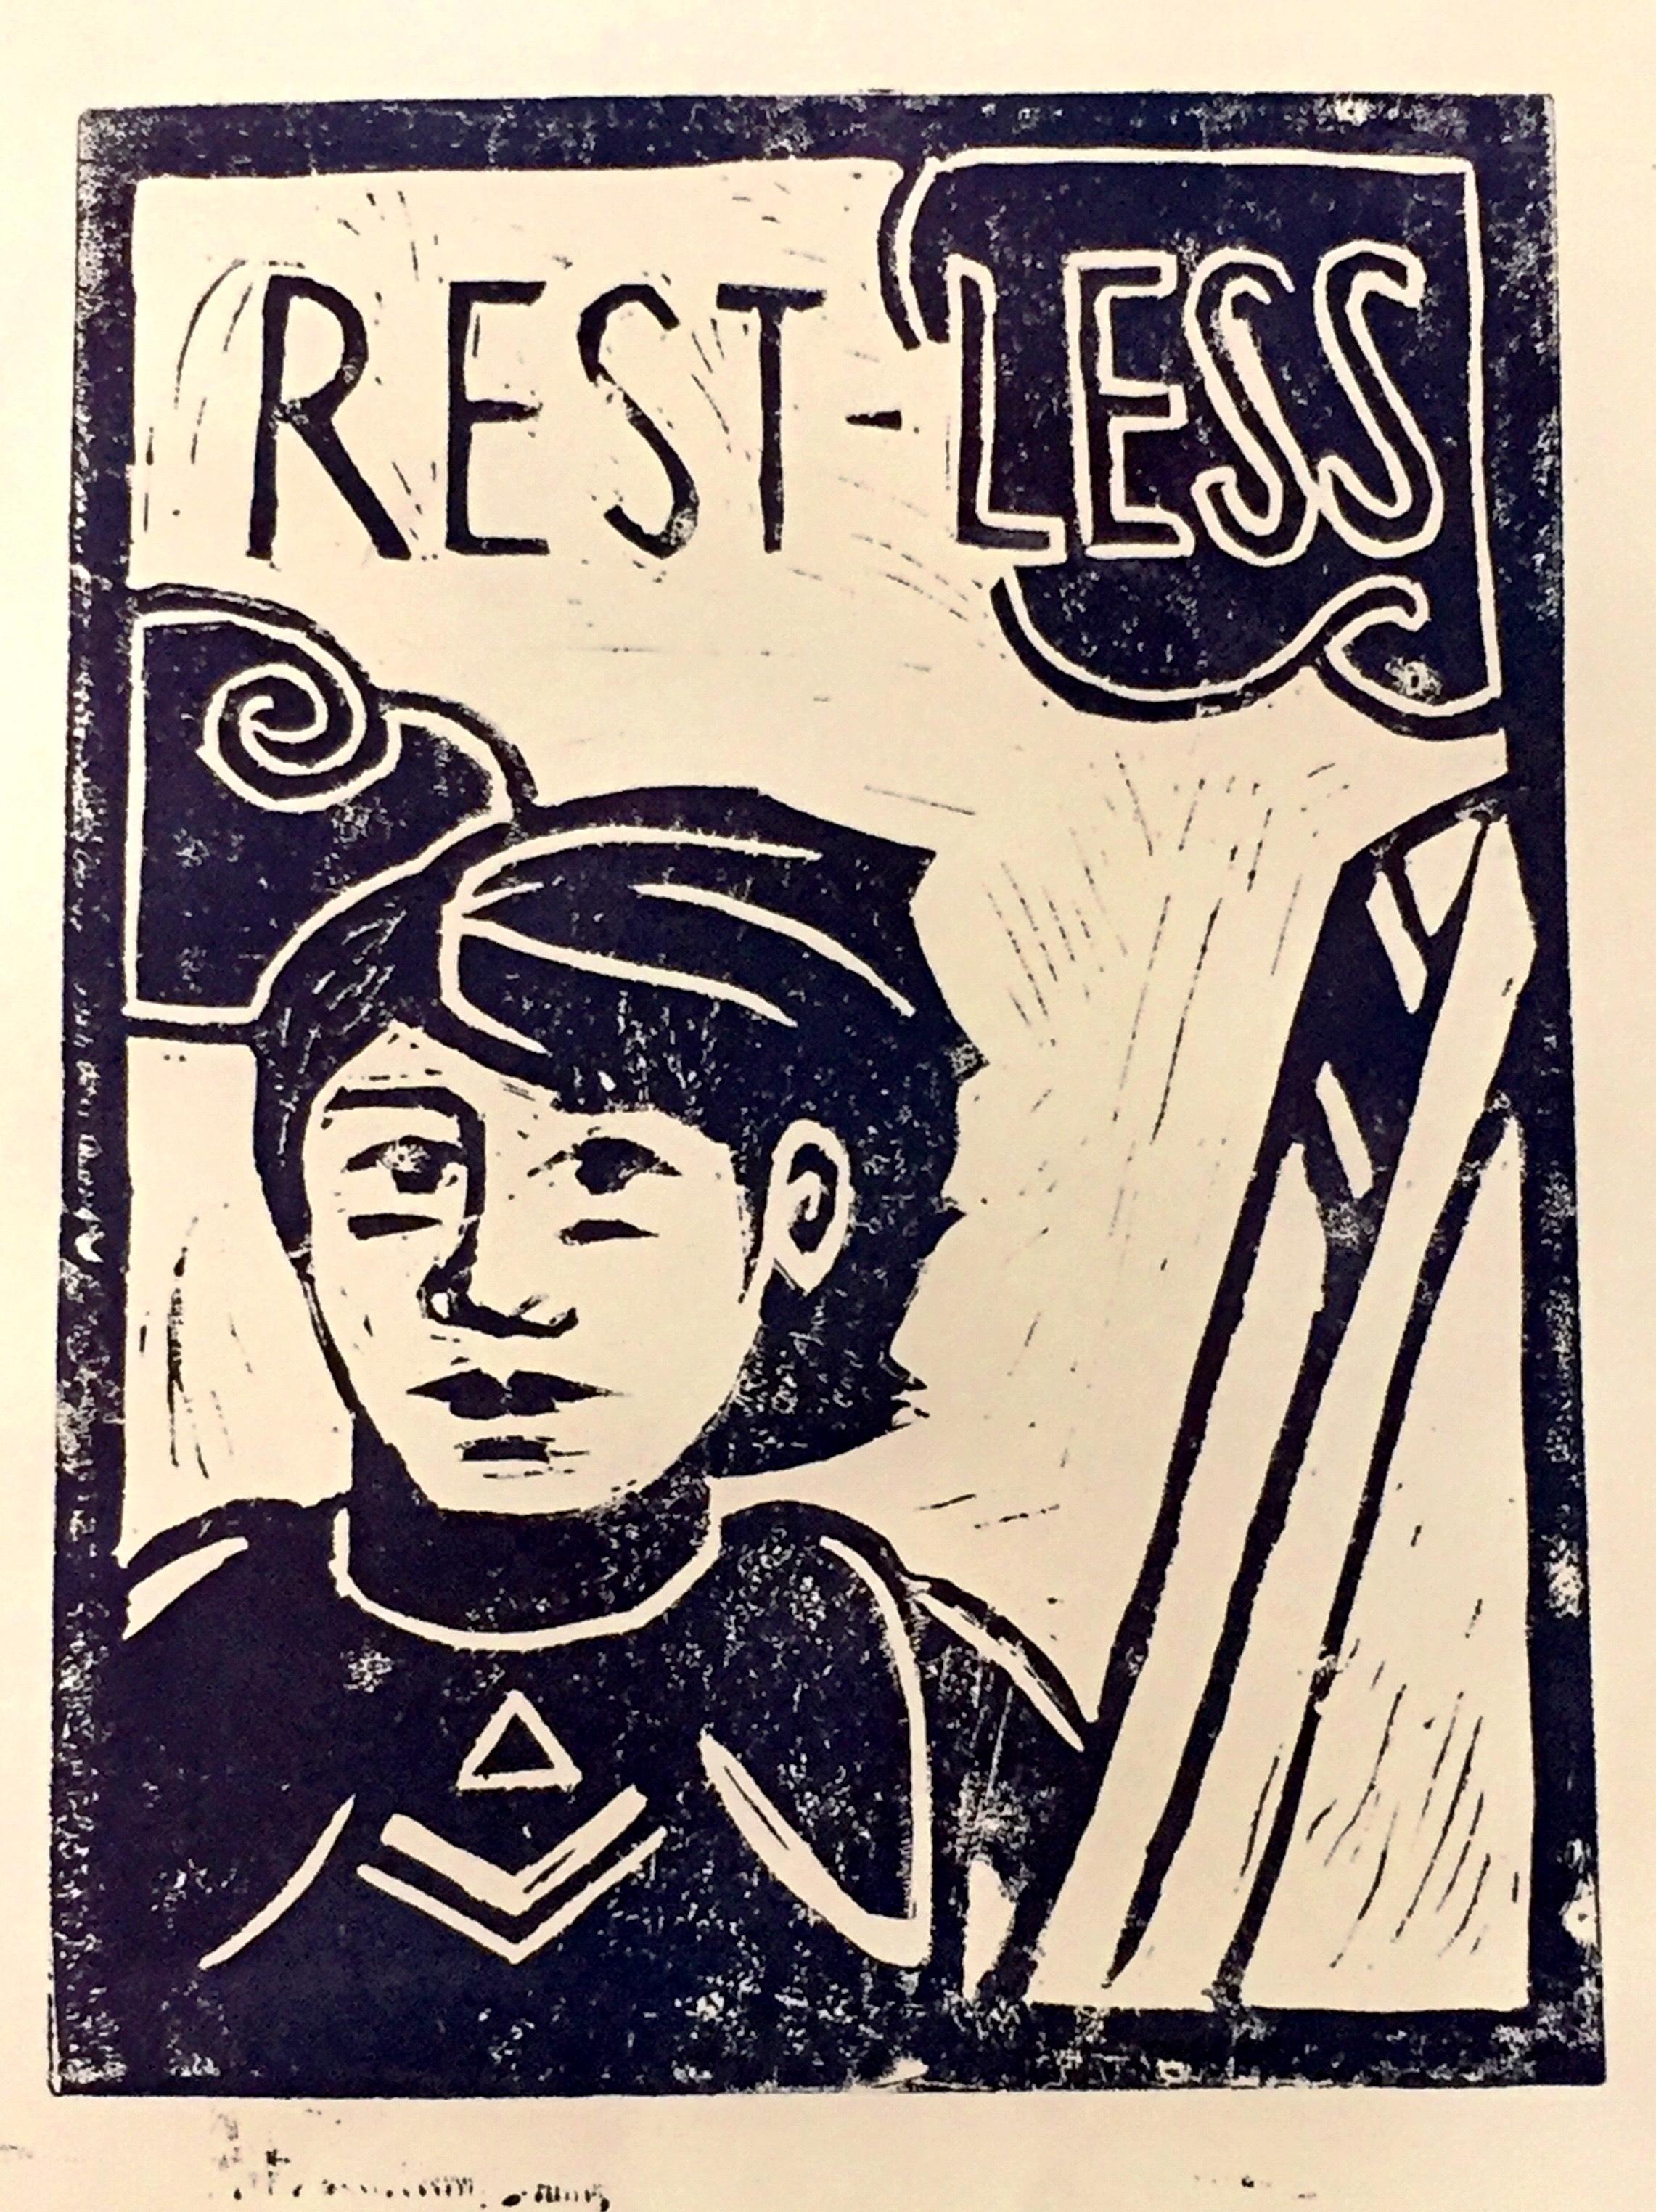 rest-less - 2017, Linocut